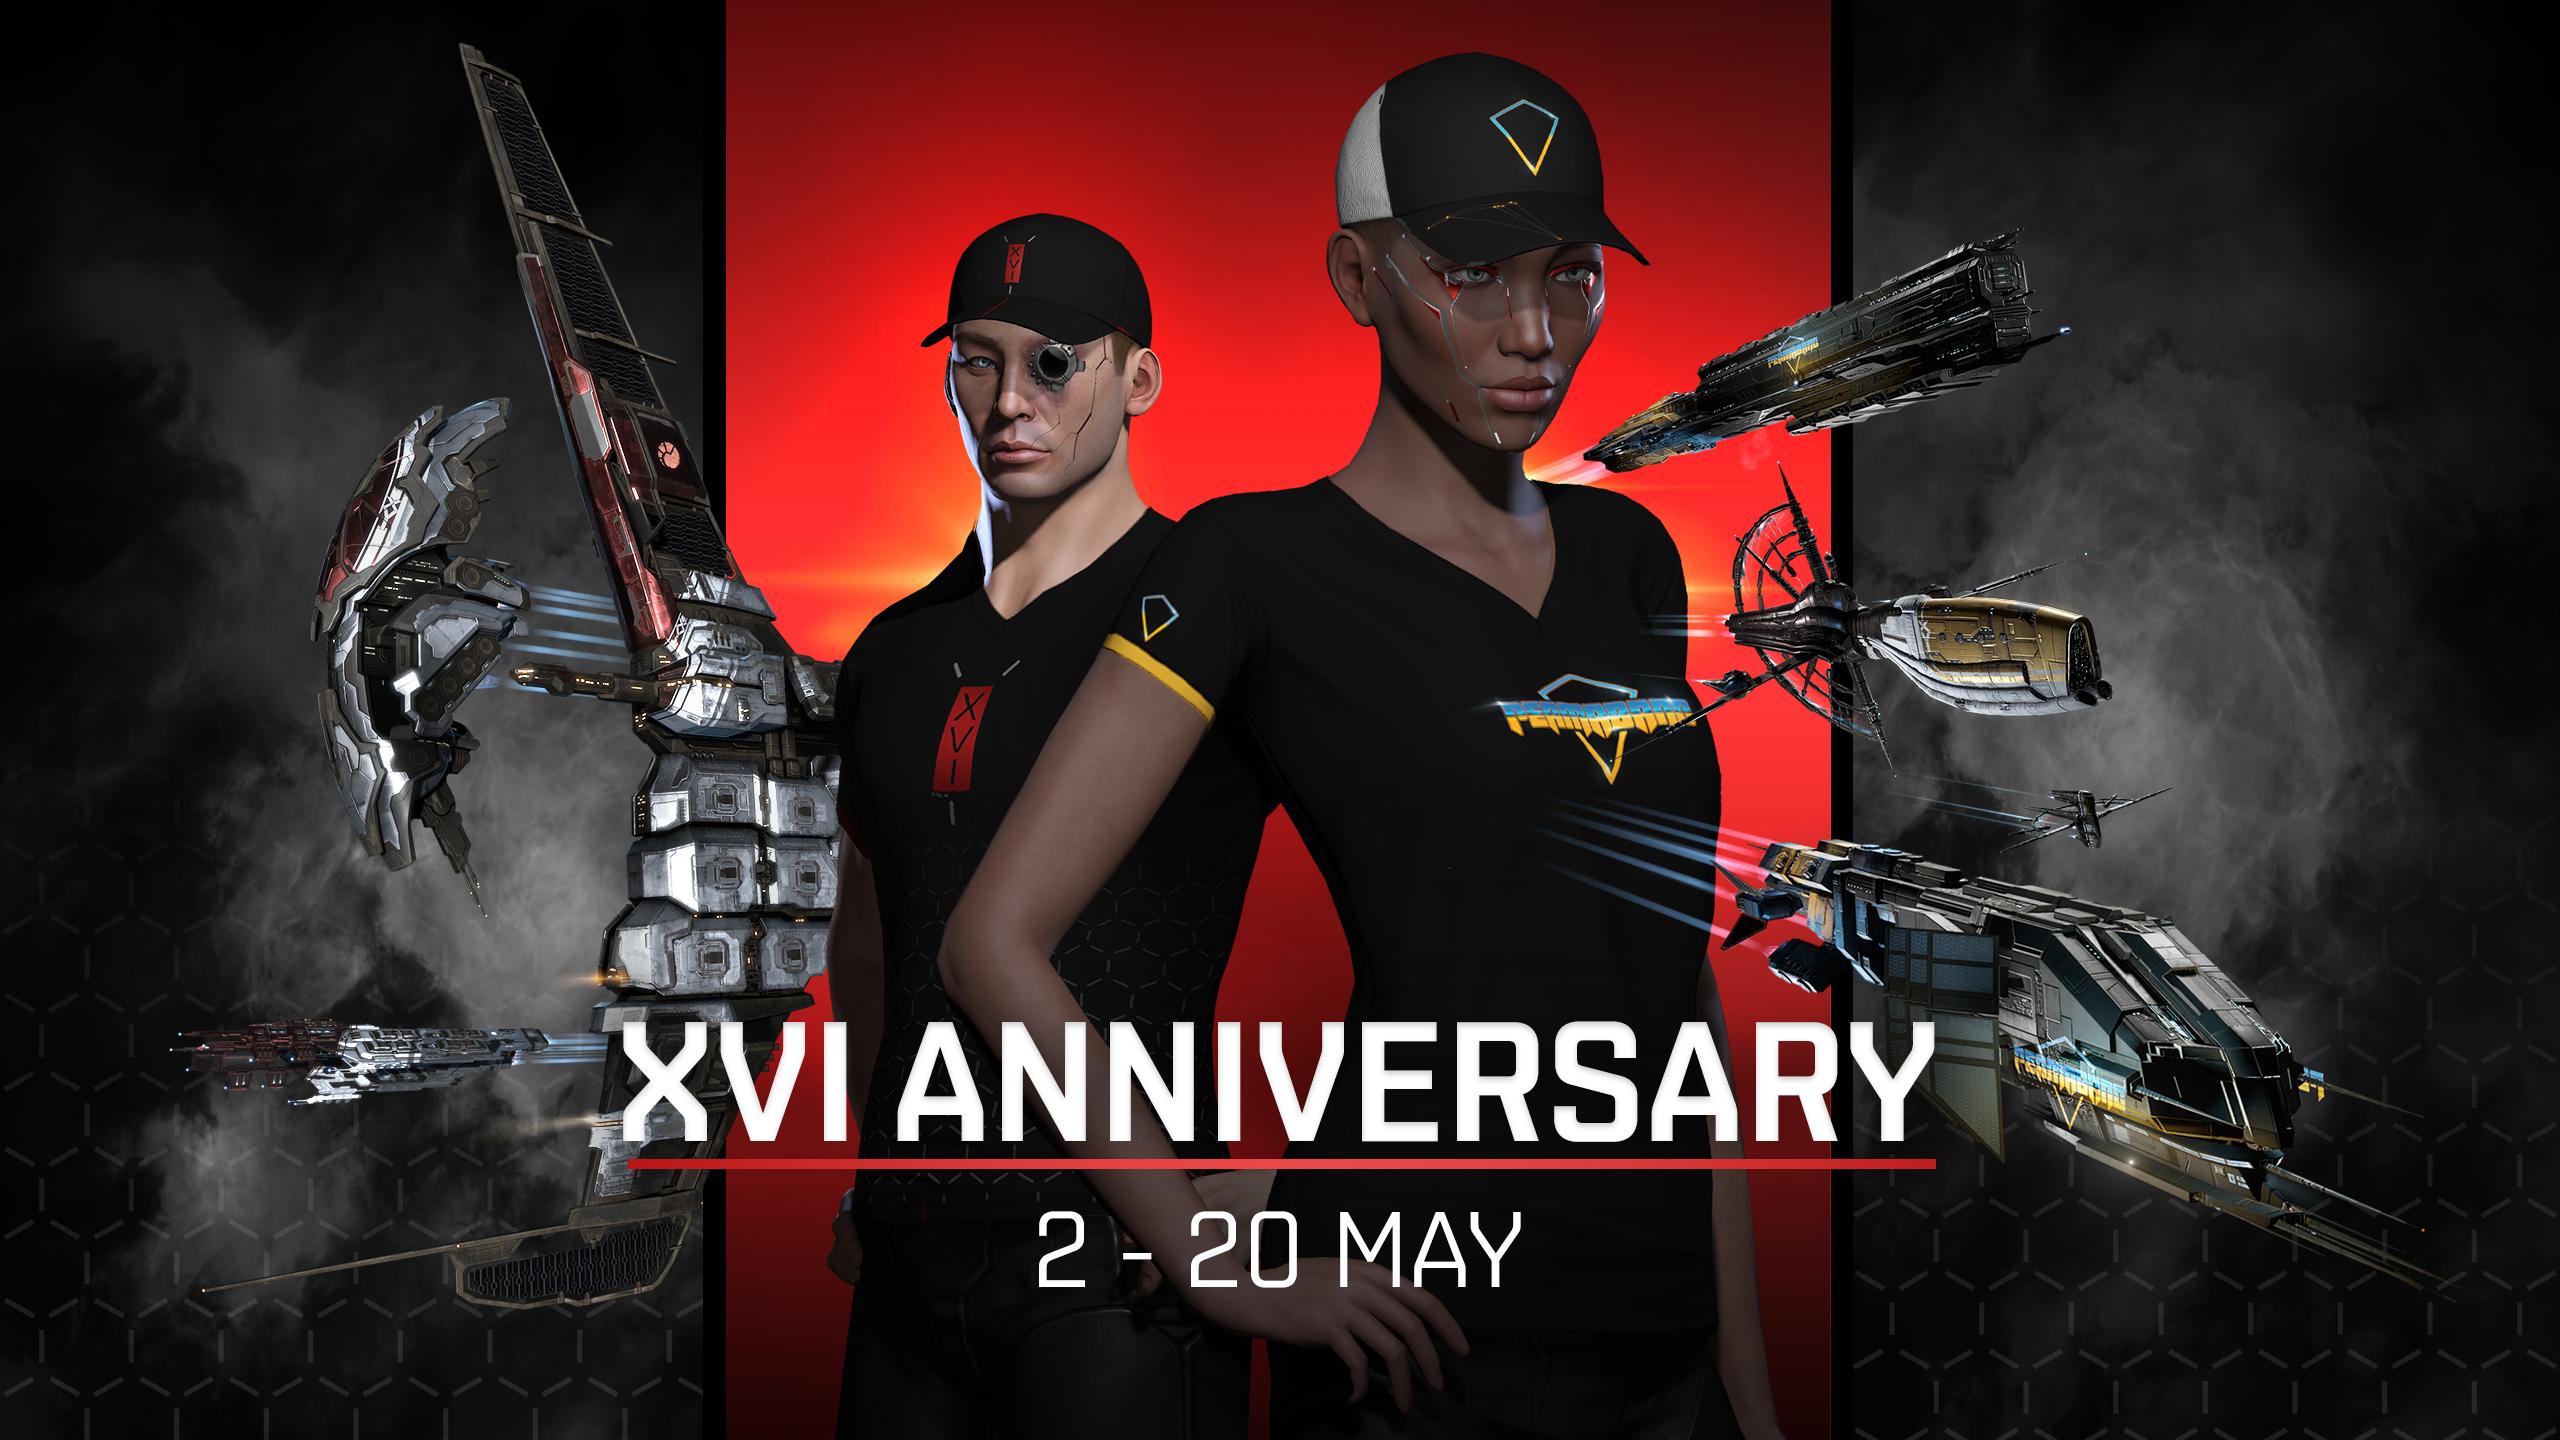 xvi-anniversary-keyart